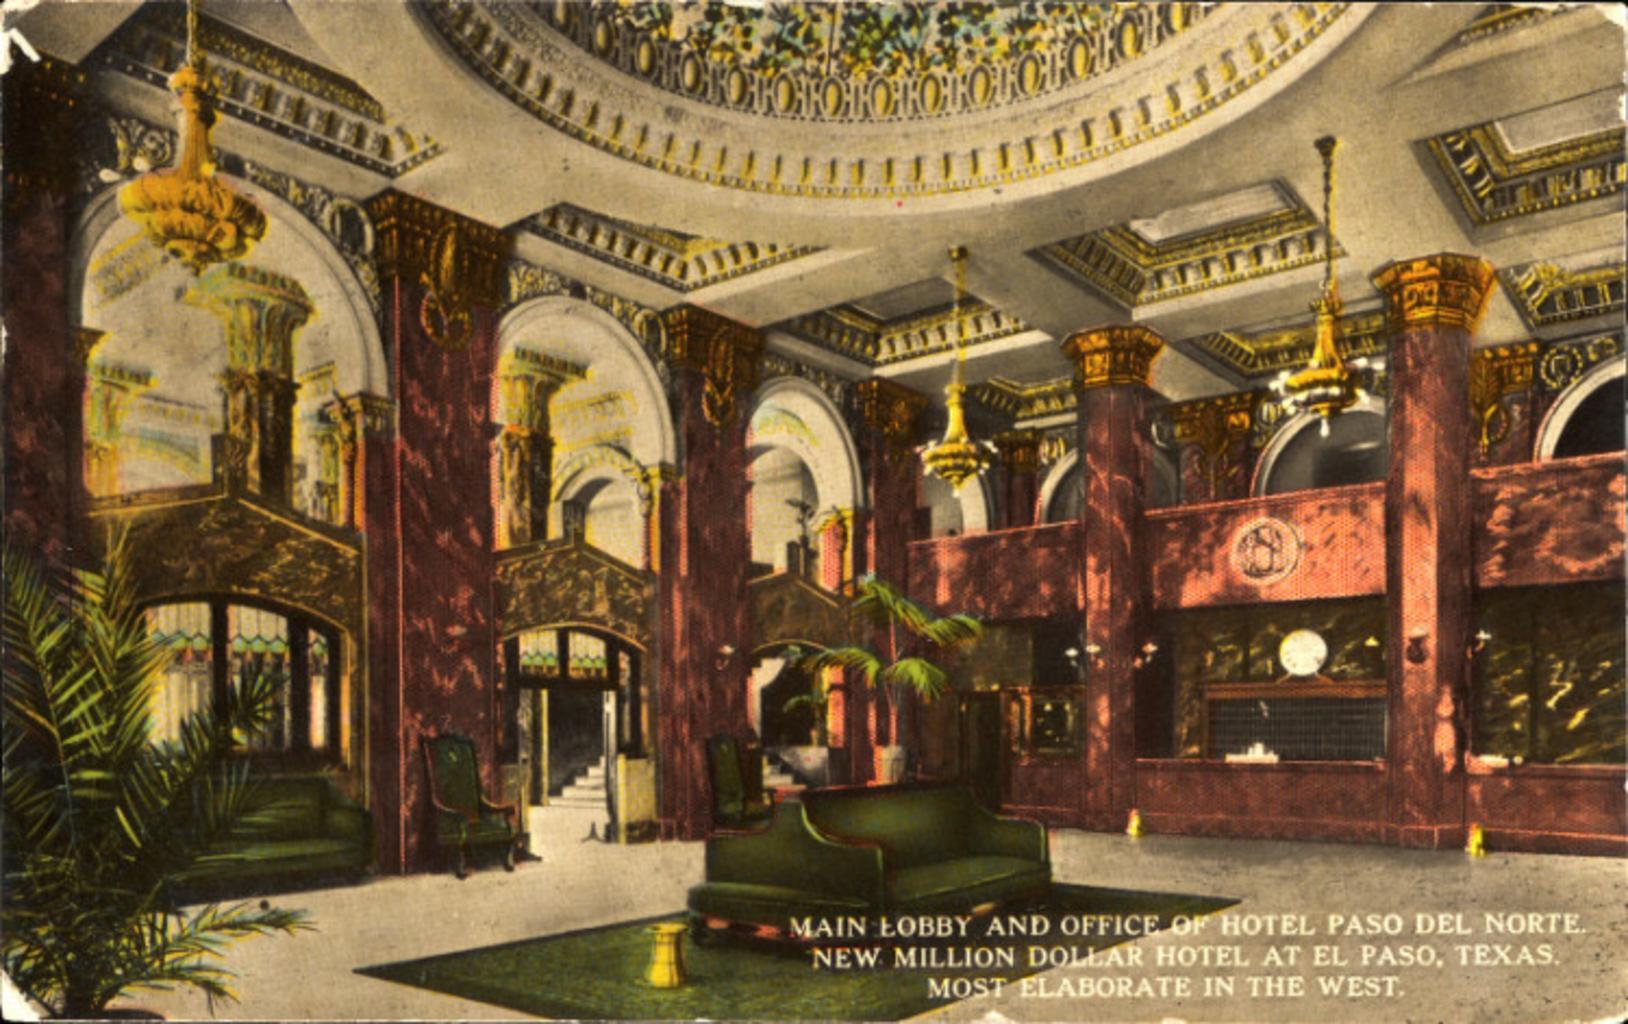 Historic Hotel Paso Del Norte lobby